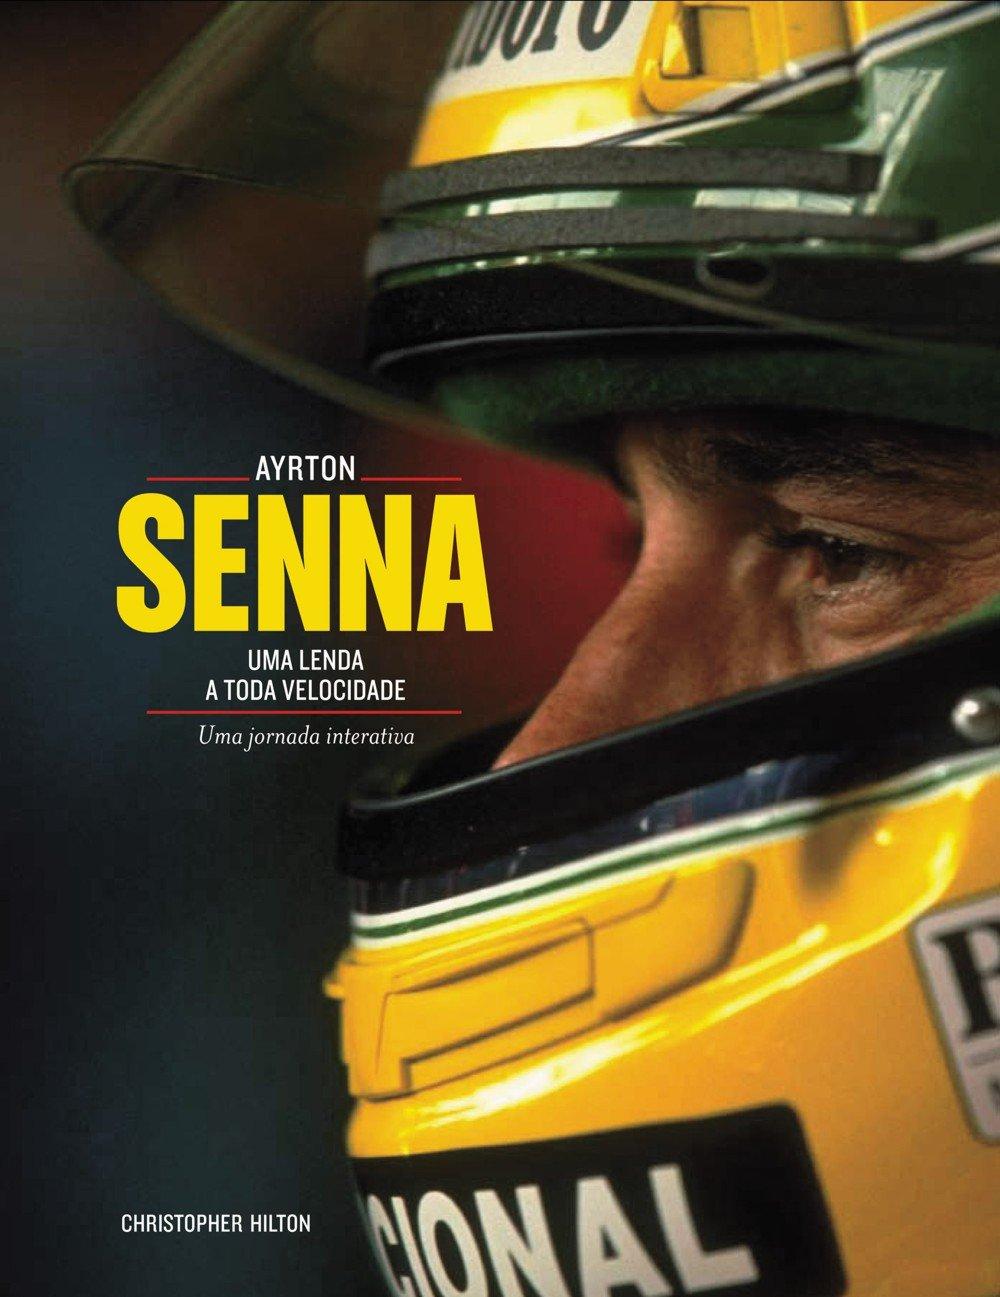 Ayrton Senna Uma Lenda A Toda Velocidade Christopher Hilton